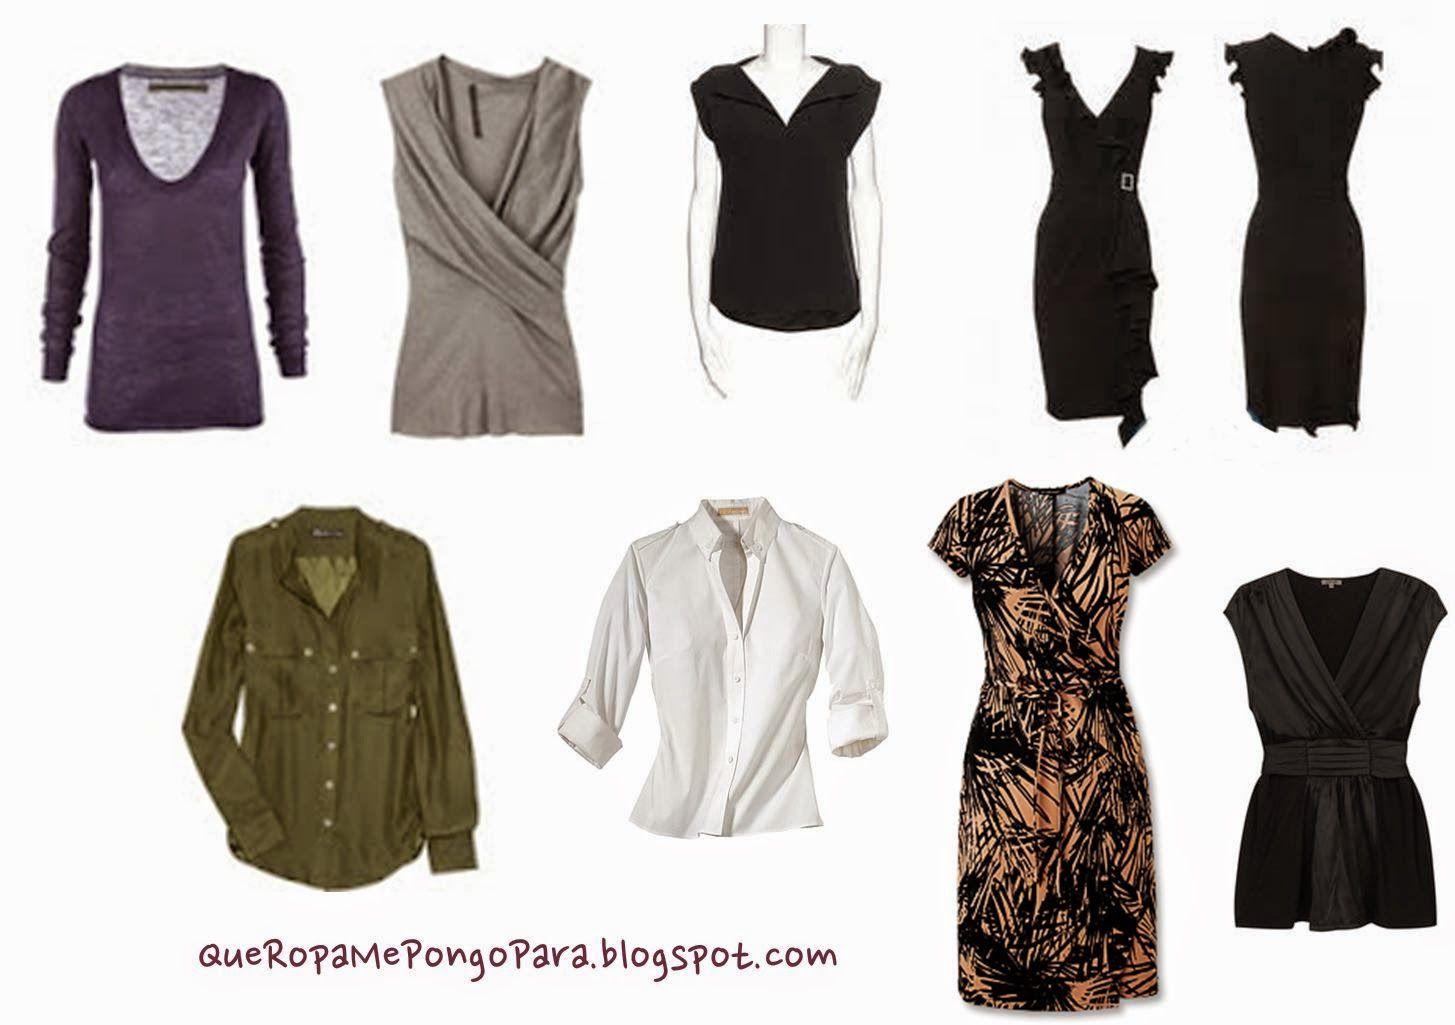 Vestidos para mujeres de senos grandes